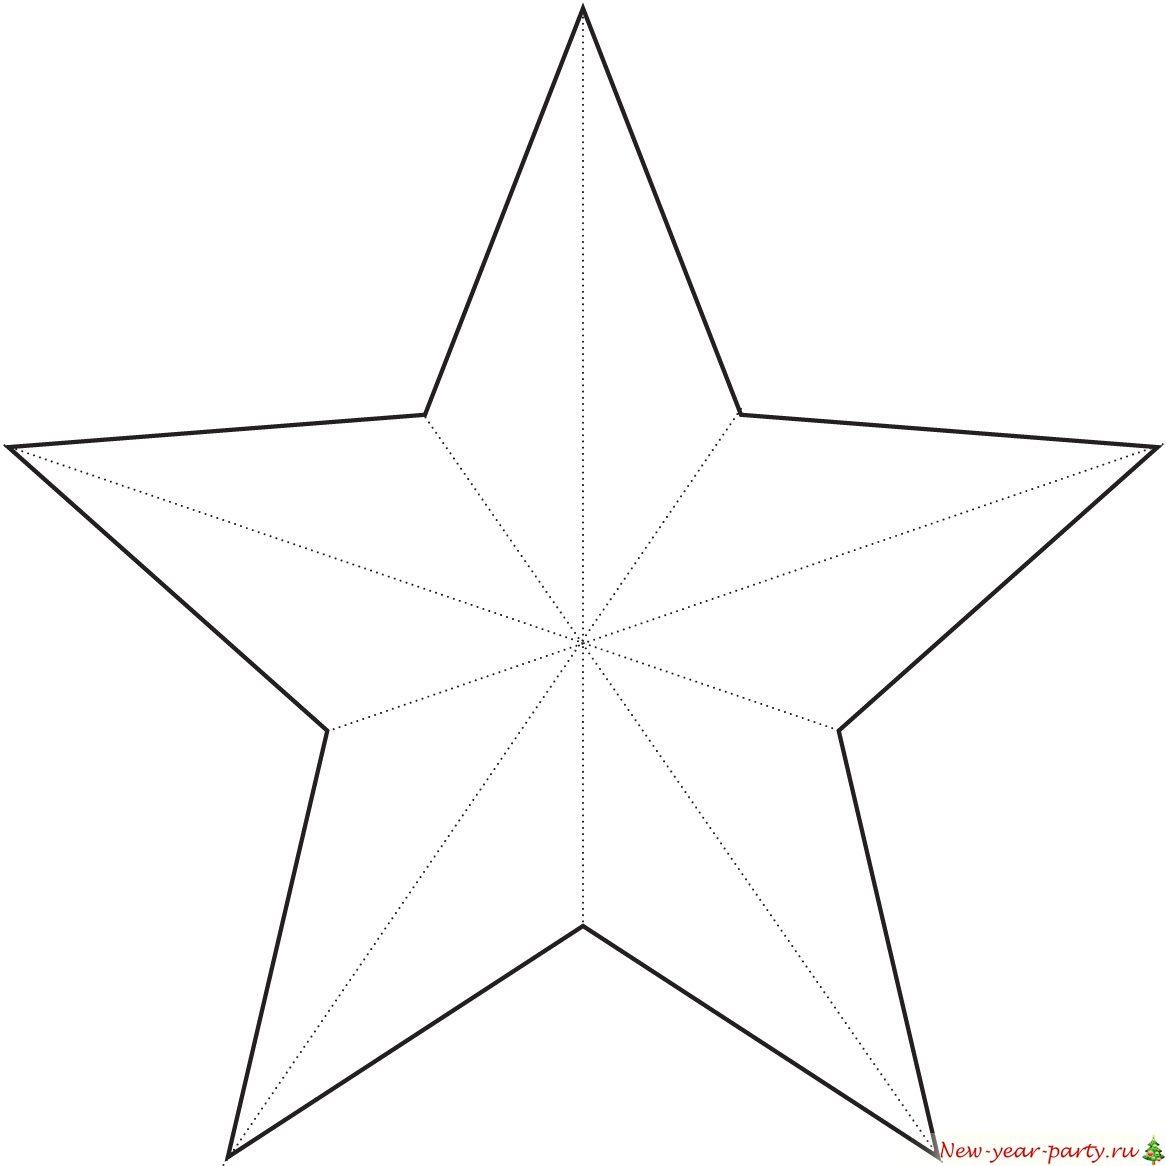 Шаблон звезды для печати